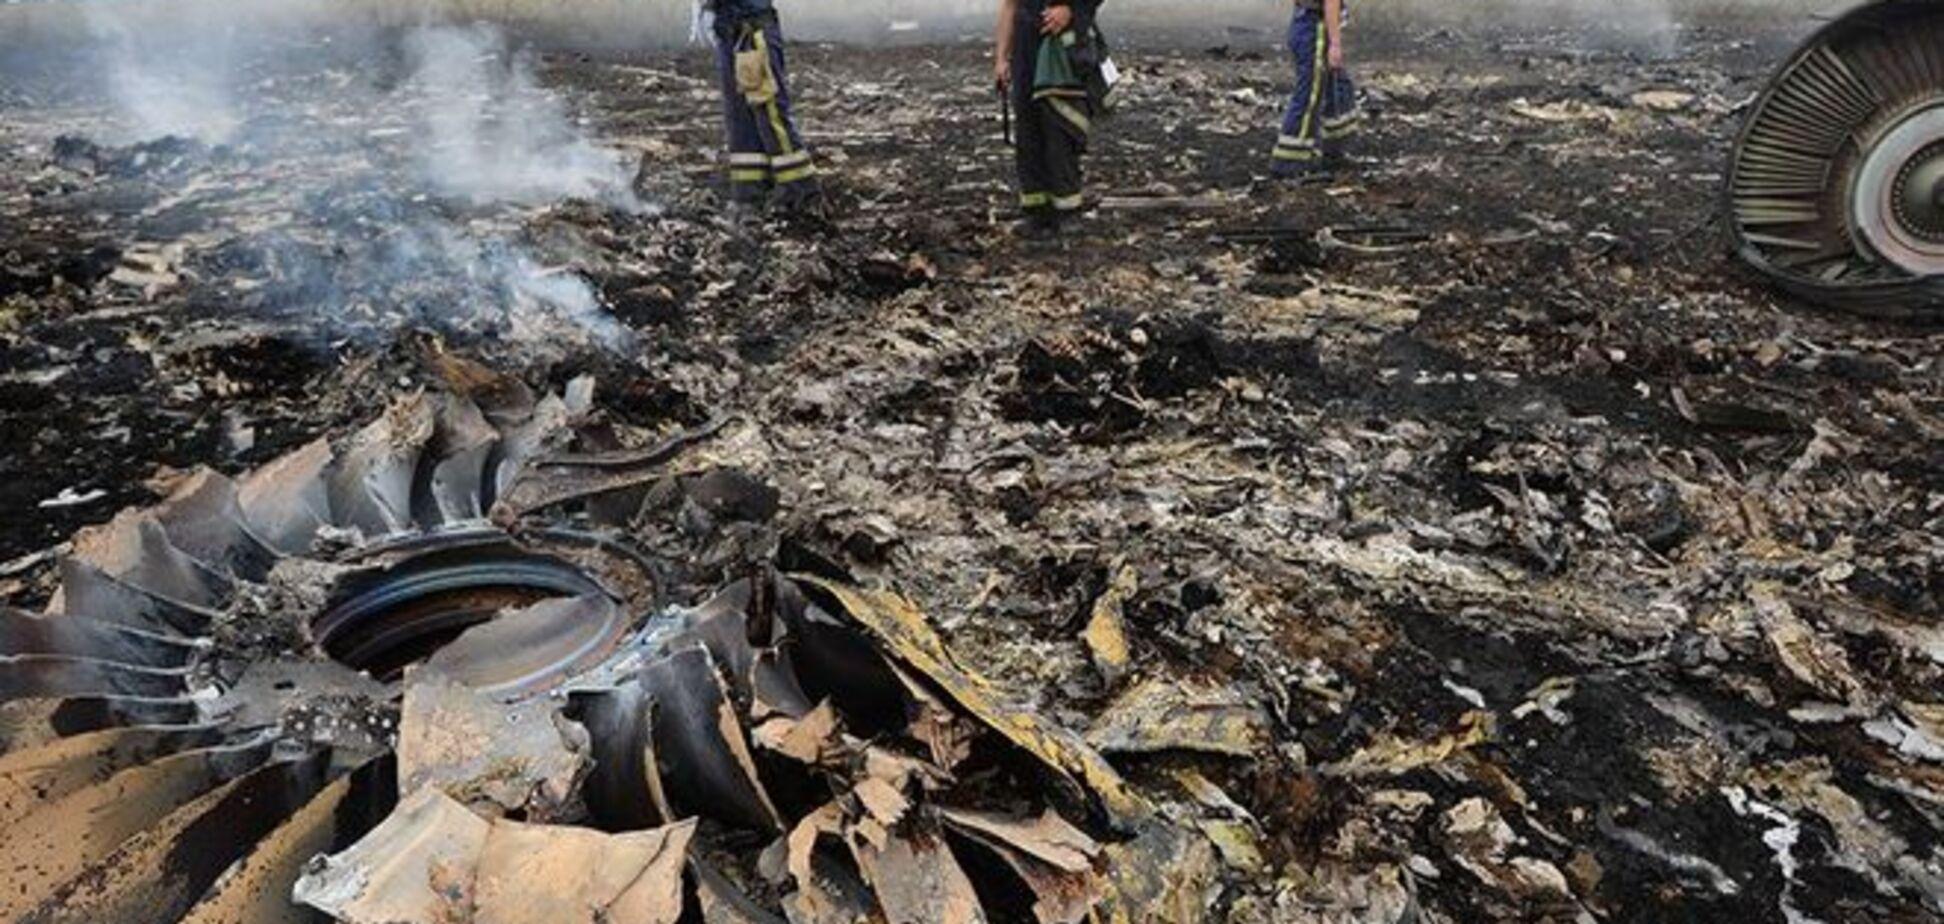 Эксперт: виновных в крушении Боинга на Донбассе никогда не назовут